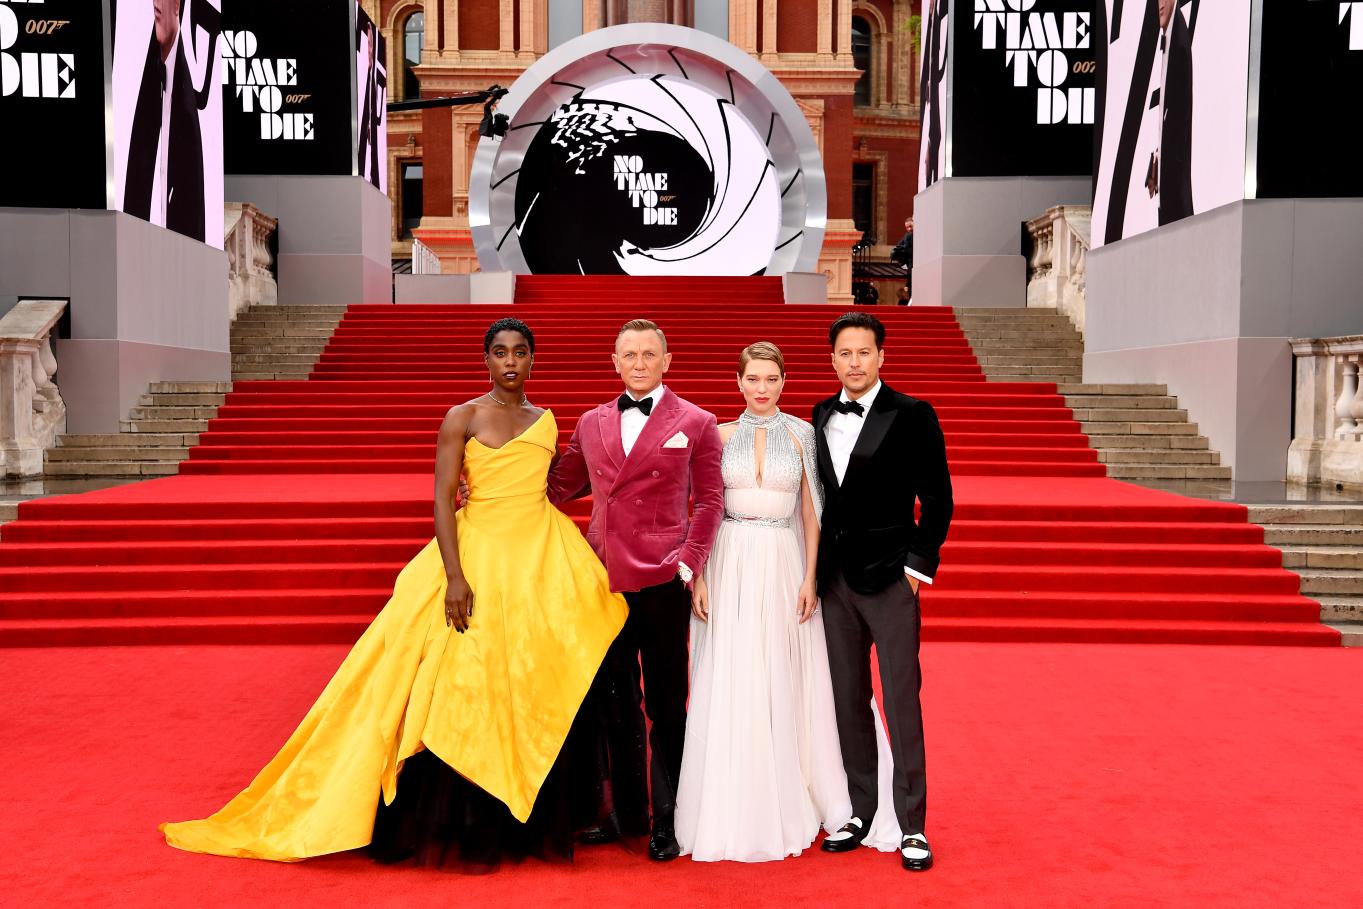 Daniel Craig, Lea Seydeoux und Regisseur Cary Fukunaga bei der Weltpremiere von KEINE ZEIT ZU STERBEN in London.